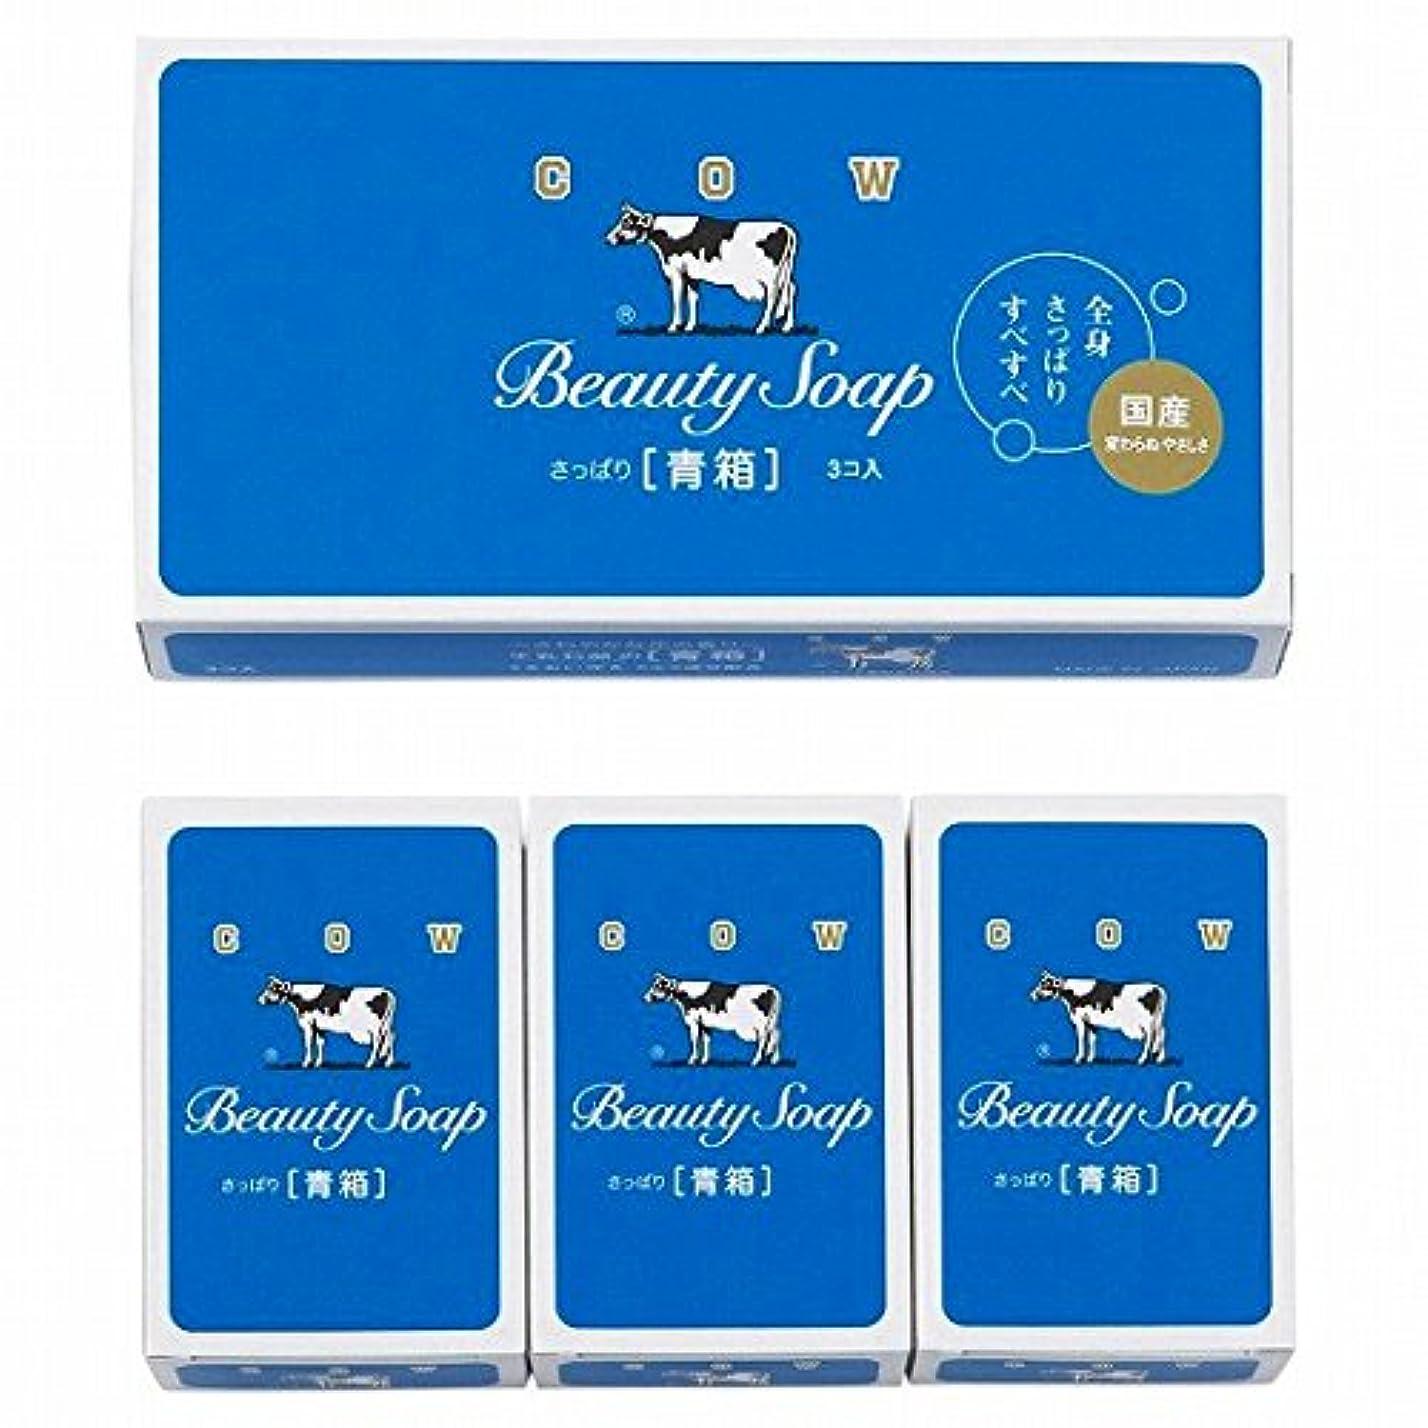 世界記録のギネスブック家禽陽気なnobrand 牛乳石鹸 カウブランド青箱3入(B17-033)